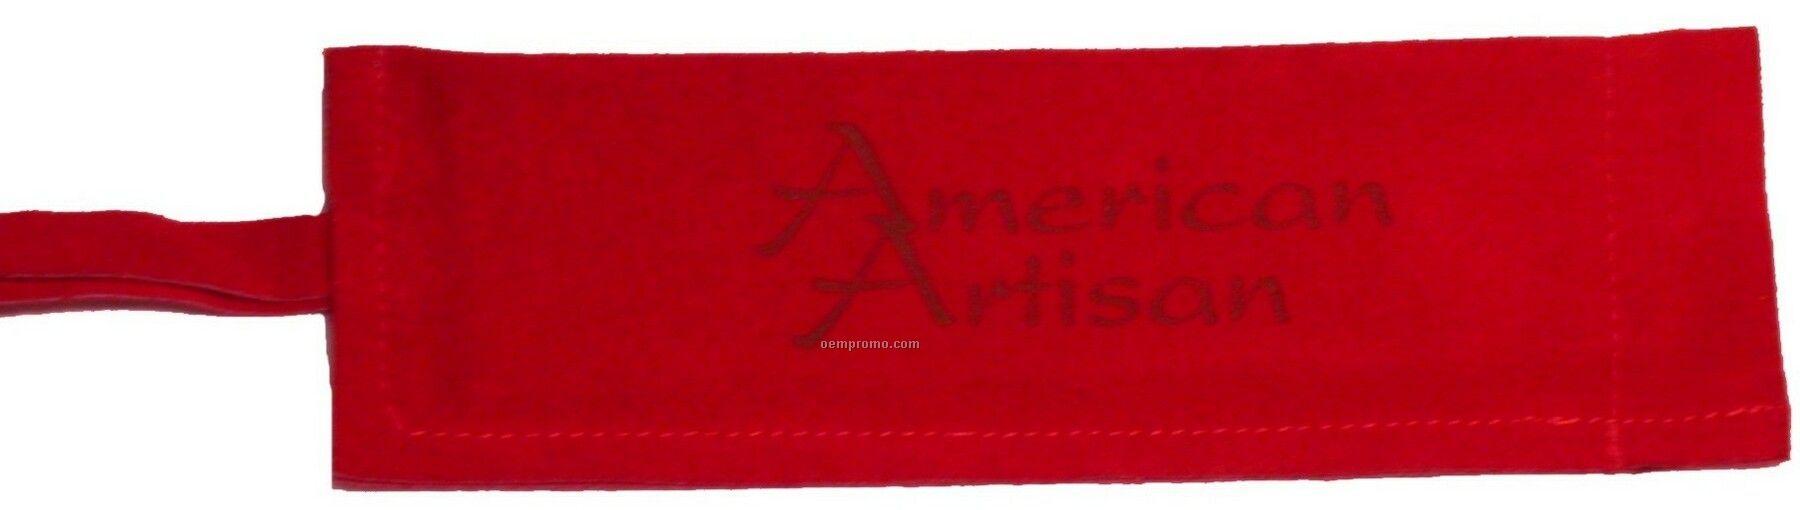 Suede Skillet/Bbq Sleeve, Laser Engraved, Washable (Red)